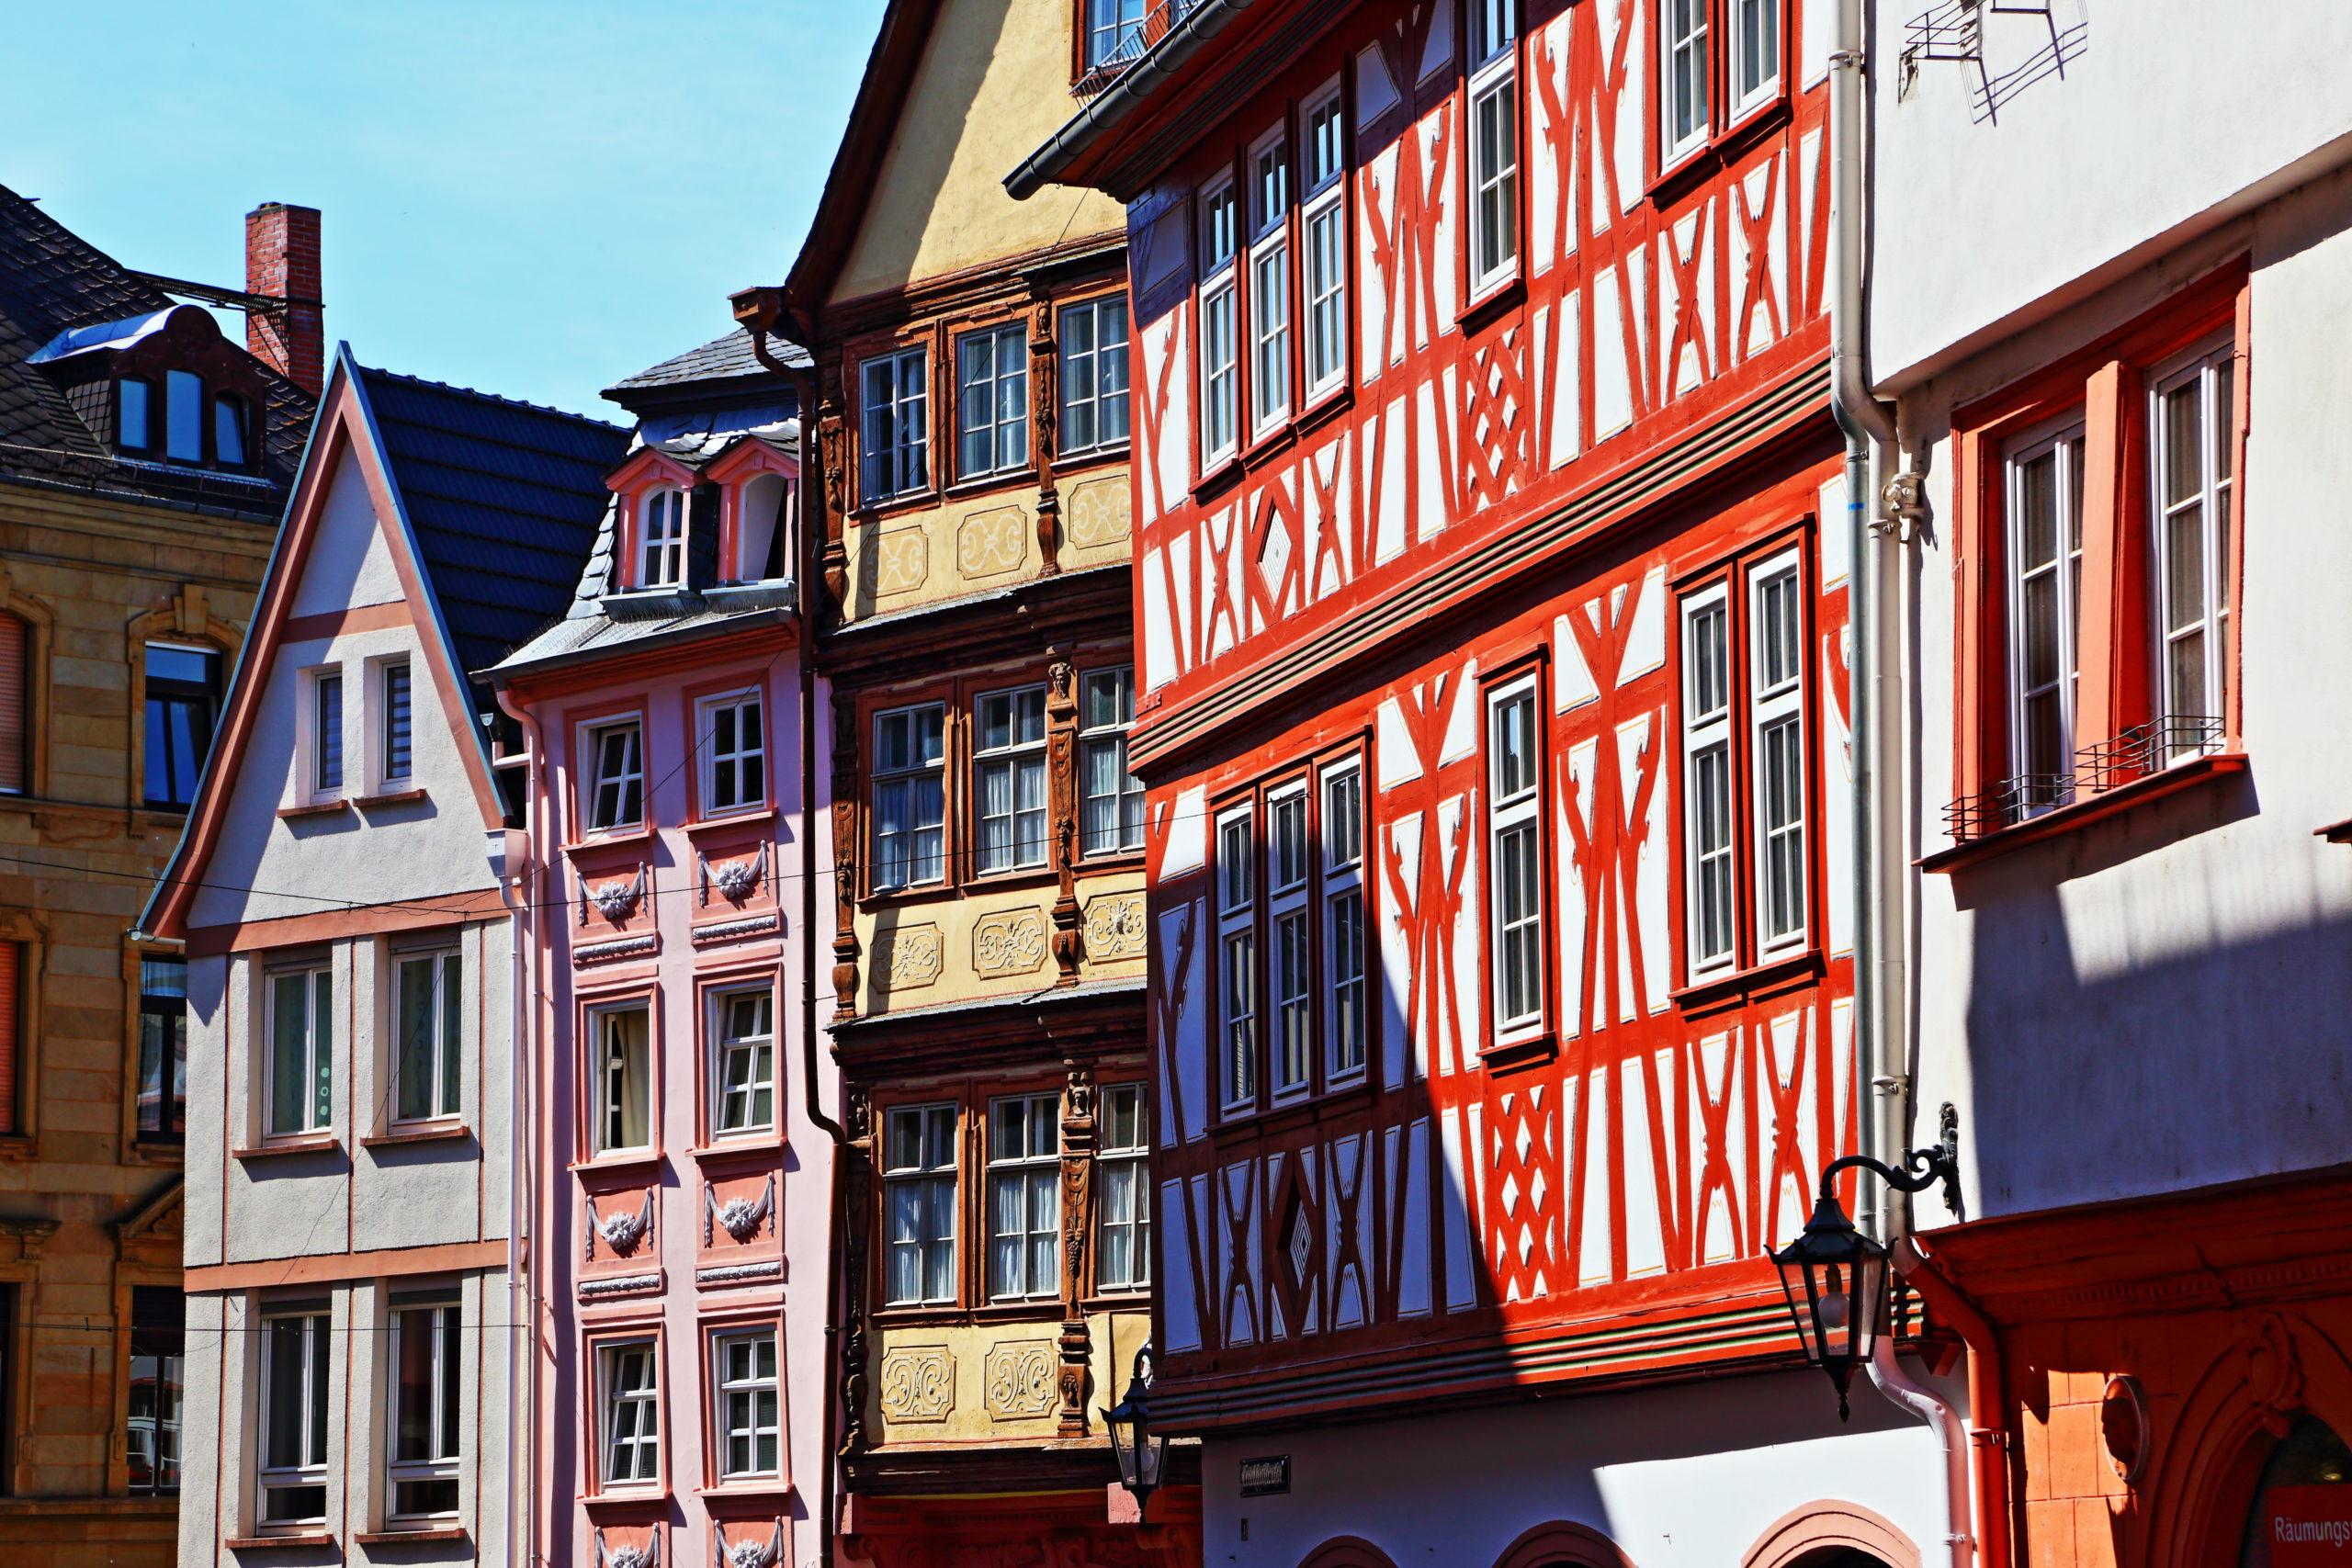 Die historische Fachwerkhäuser in der Augustinenstraße - Mainz